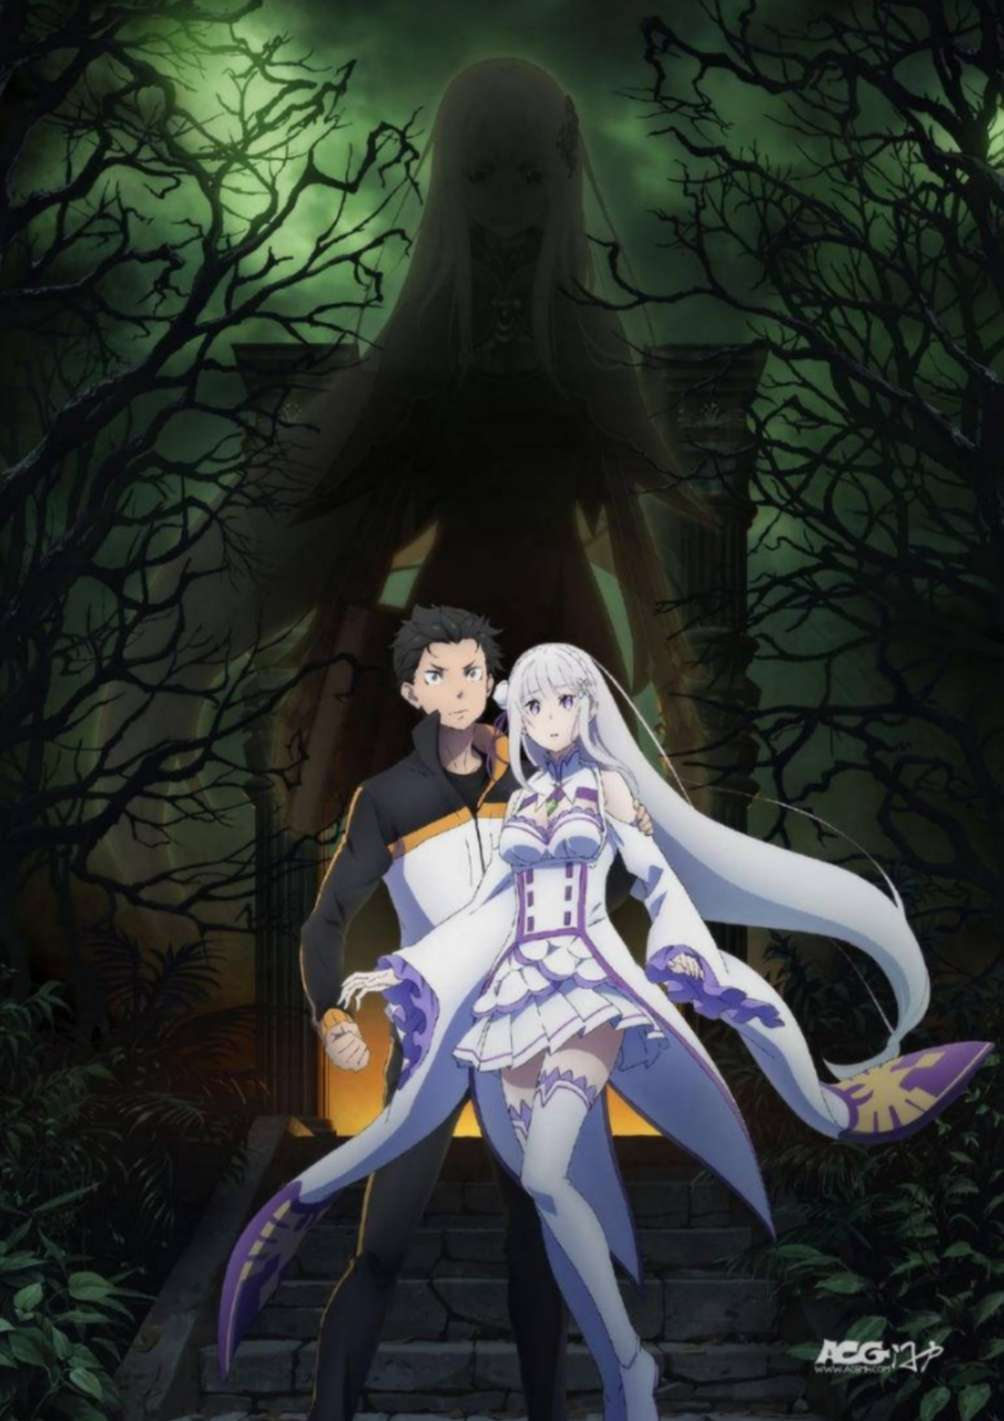 【资讯】《Re:从零开始的异世界生活 第二季》分割播出 正式PV